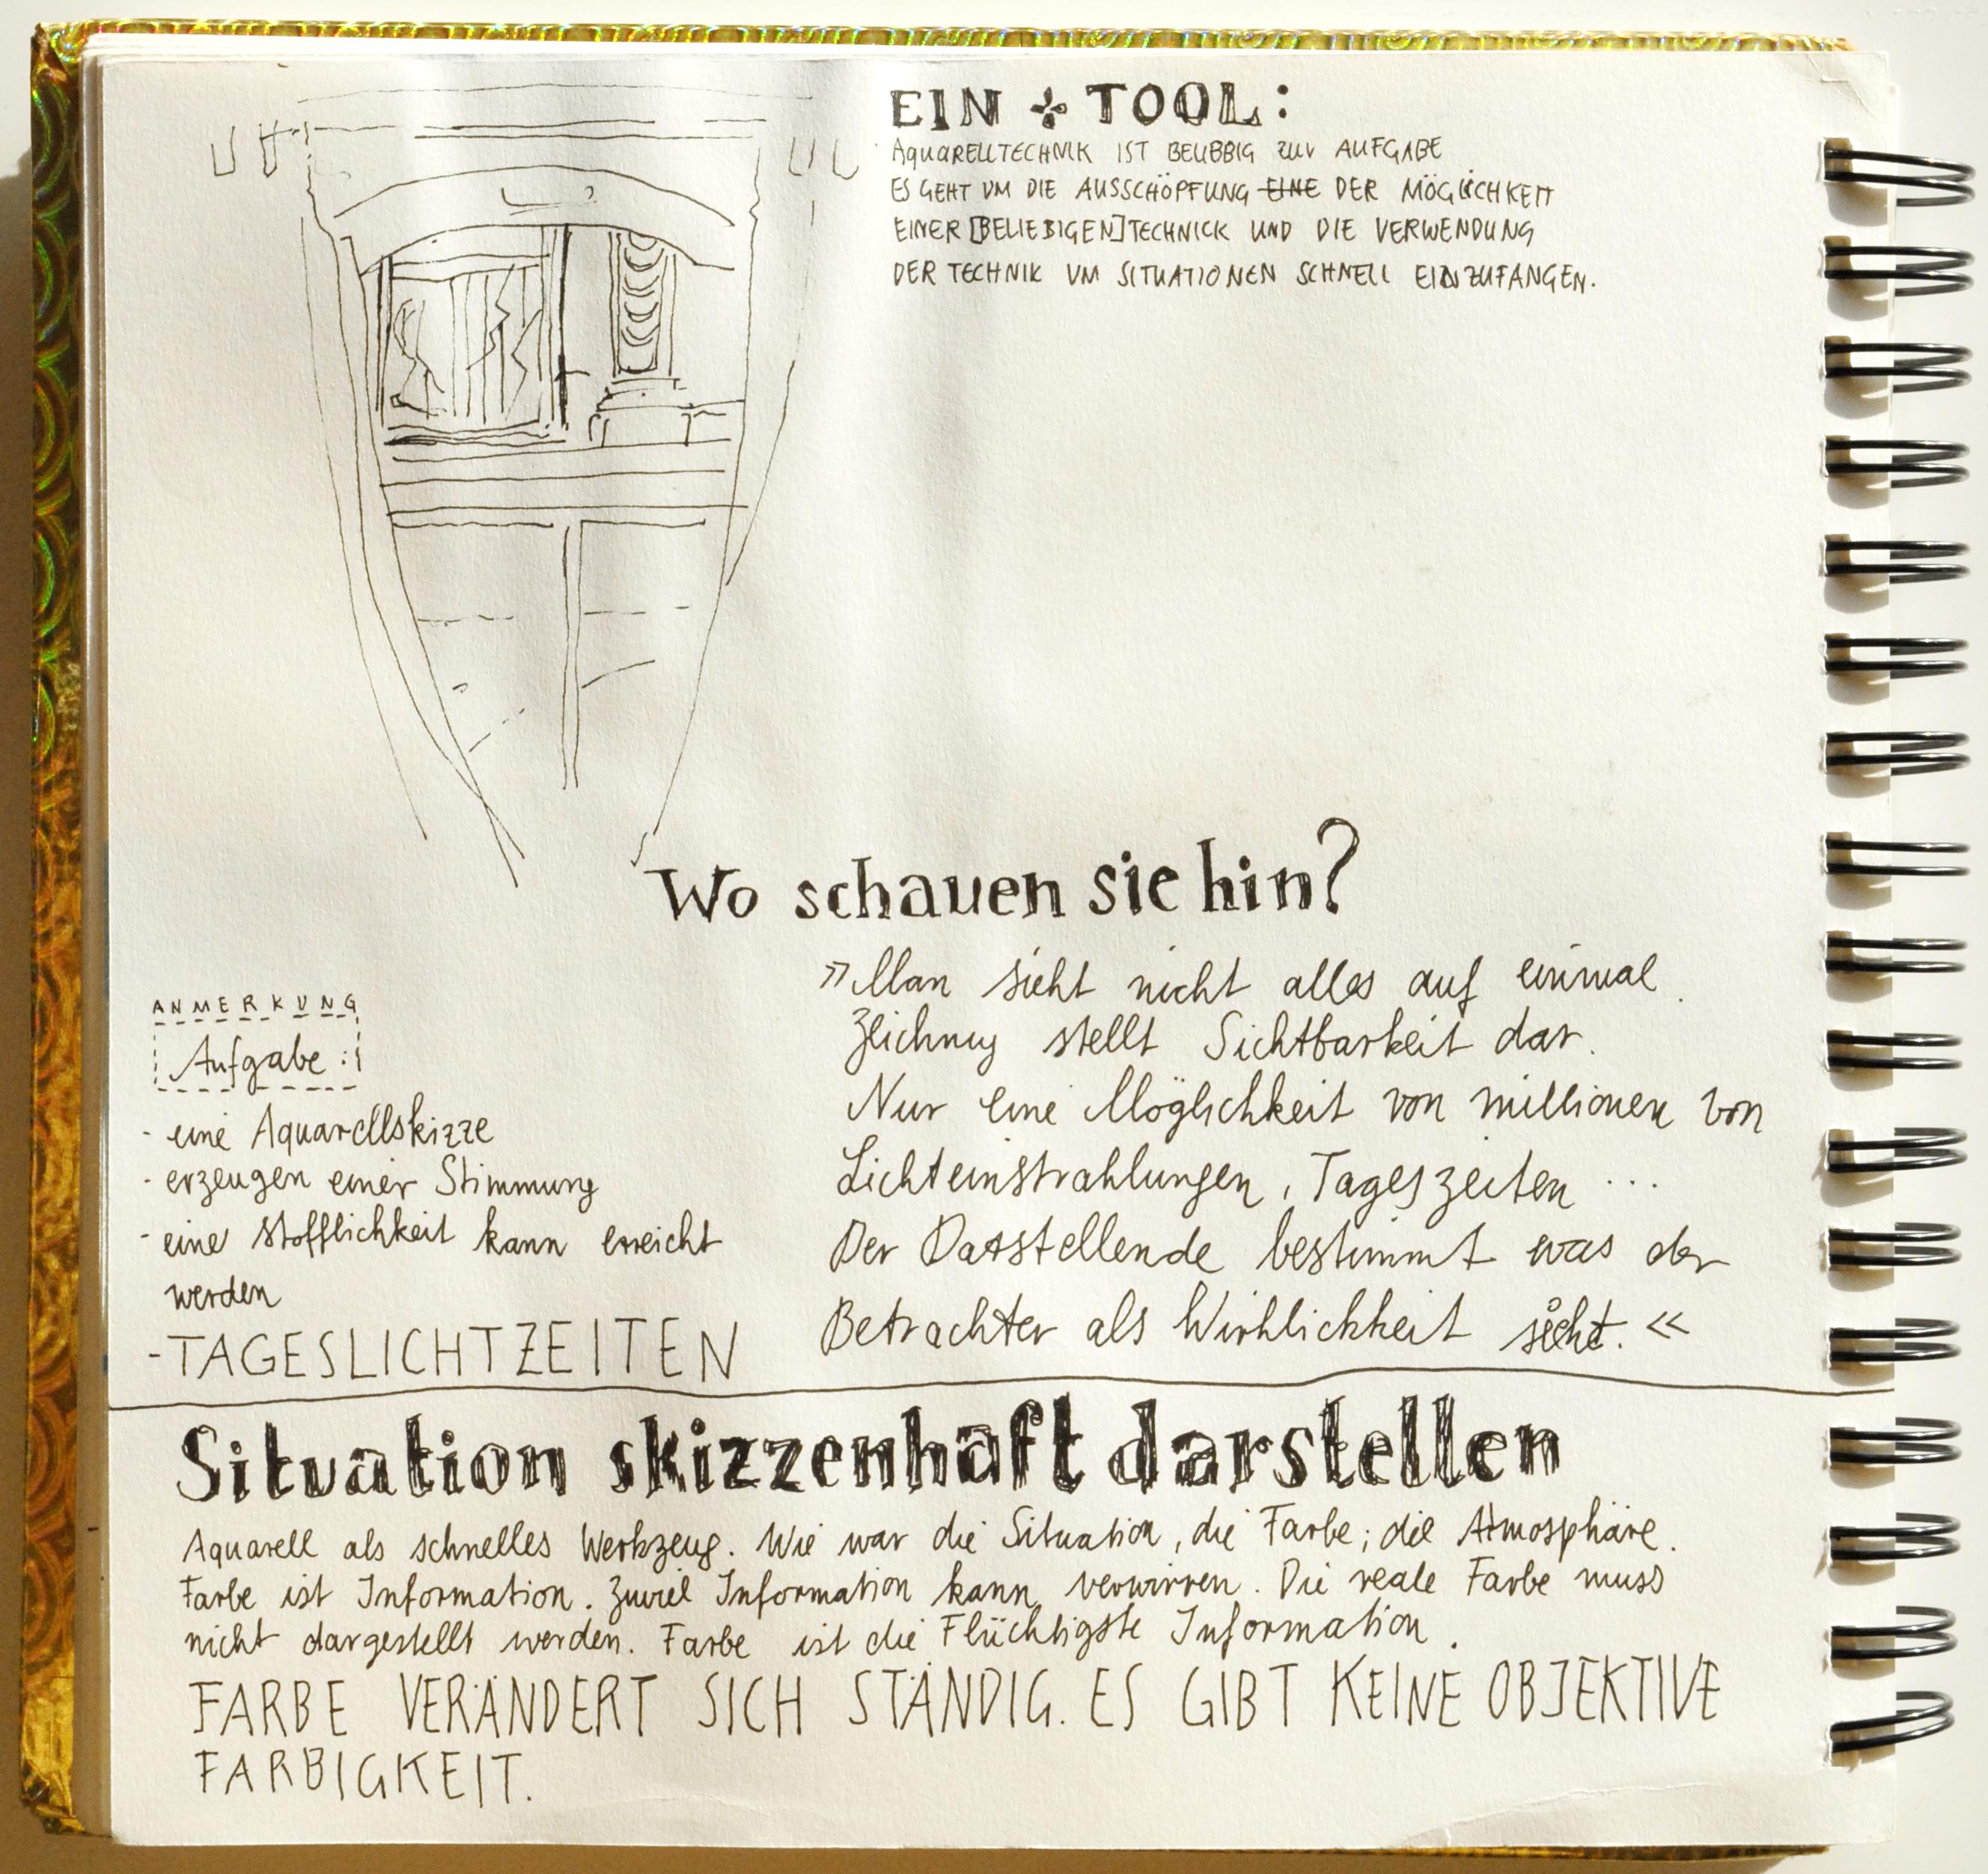 Skizzenbuch mit Kommentaren